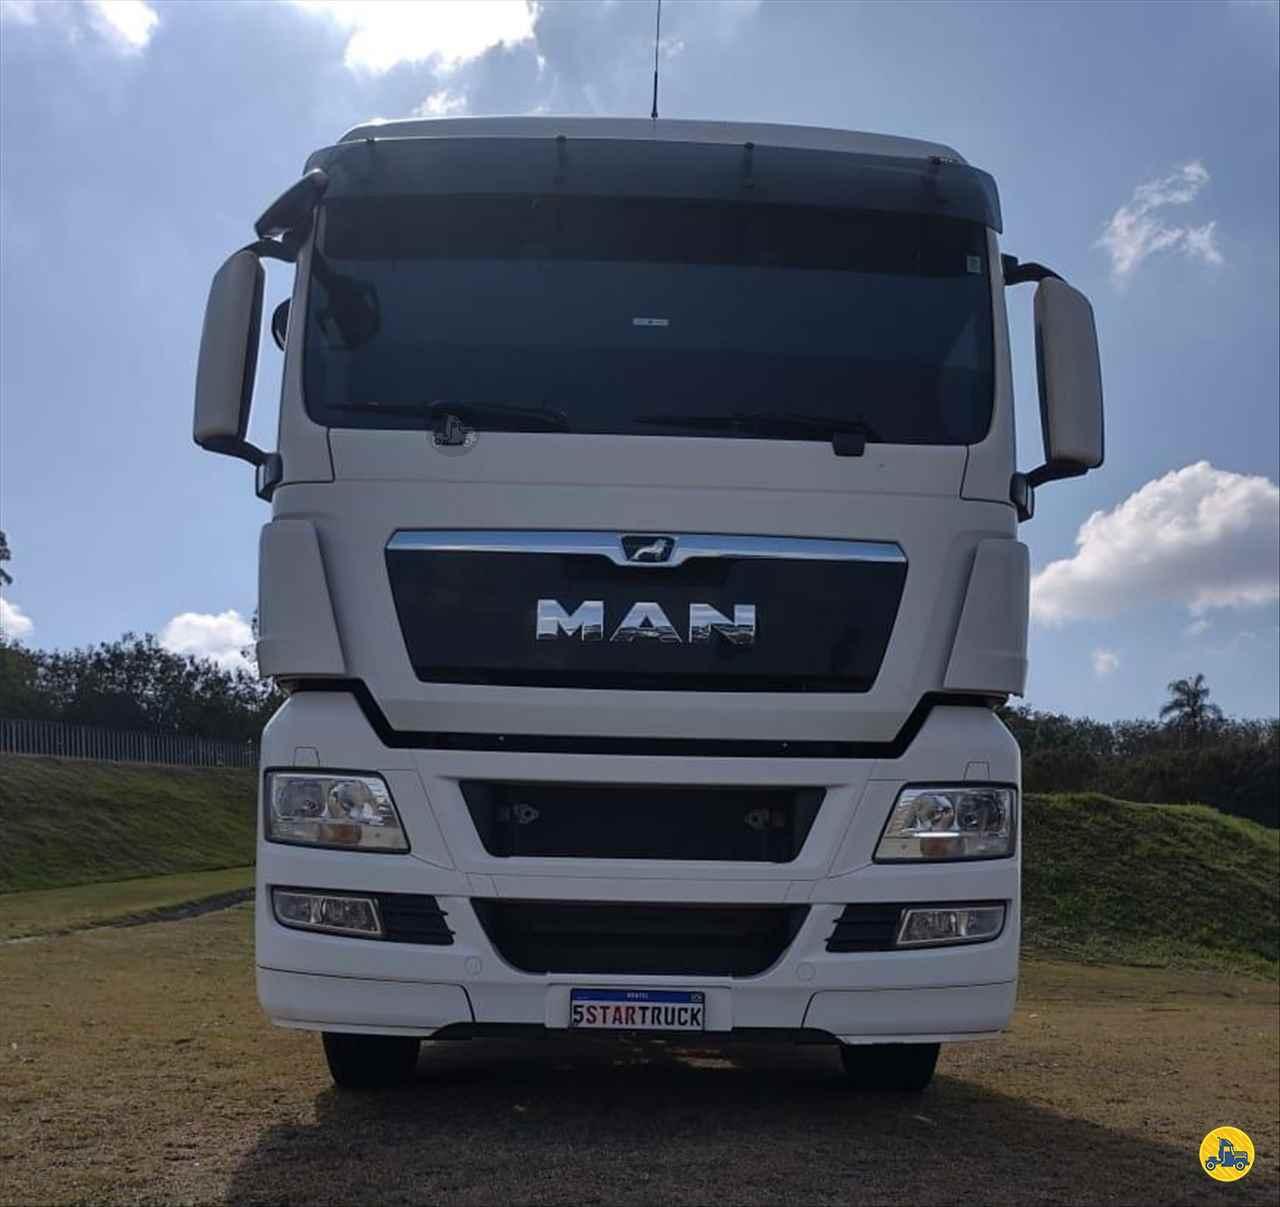 CAMINHAO MAN TGX 28 440 Cavalo Mecânico Truck 6x2 05 Star Caminhões SUMARE SÃO PAULO SP